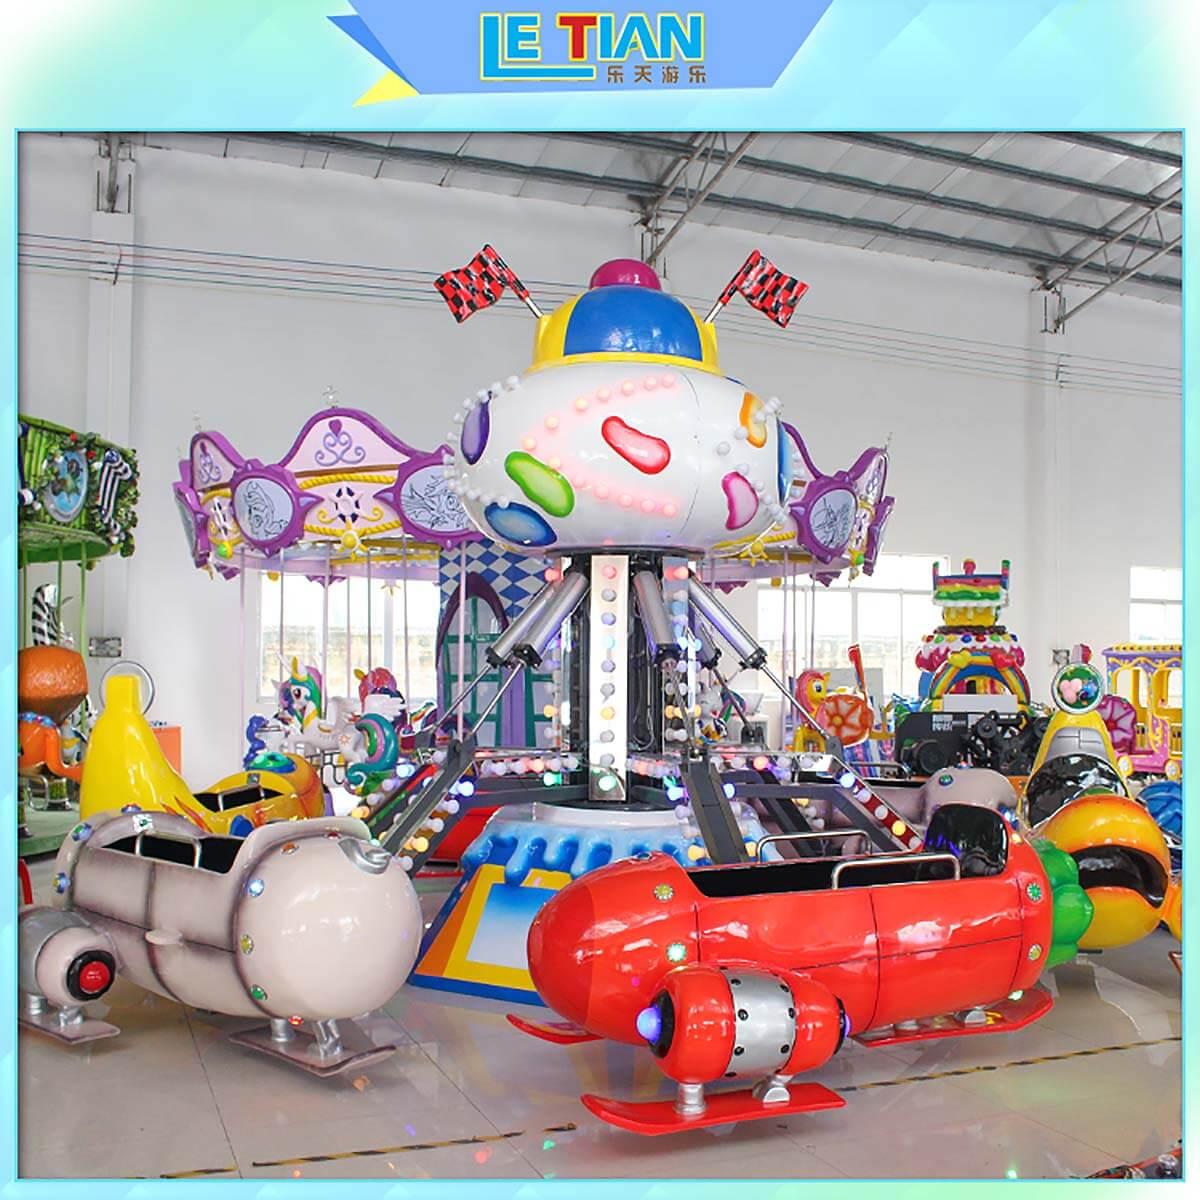 LETIAN Top amusement equipment for sale-2